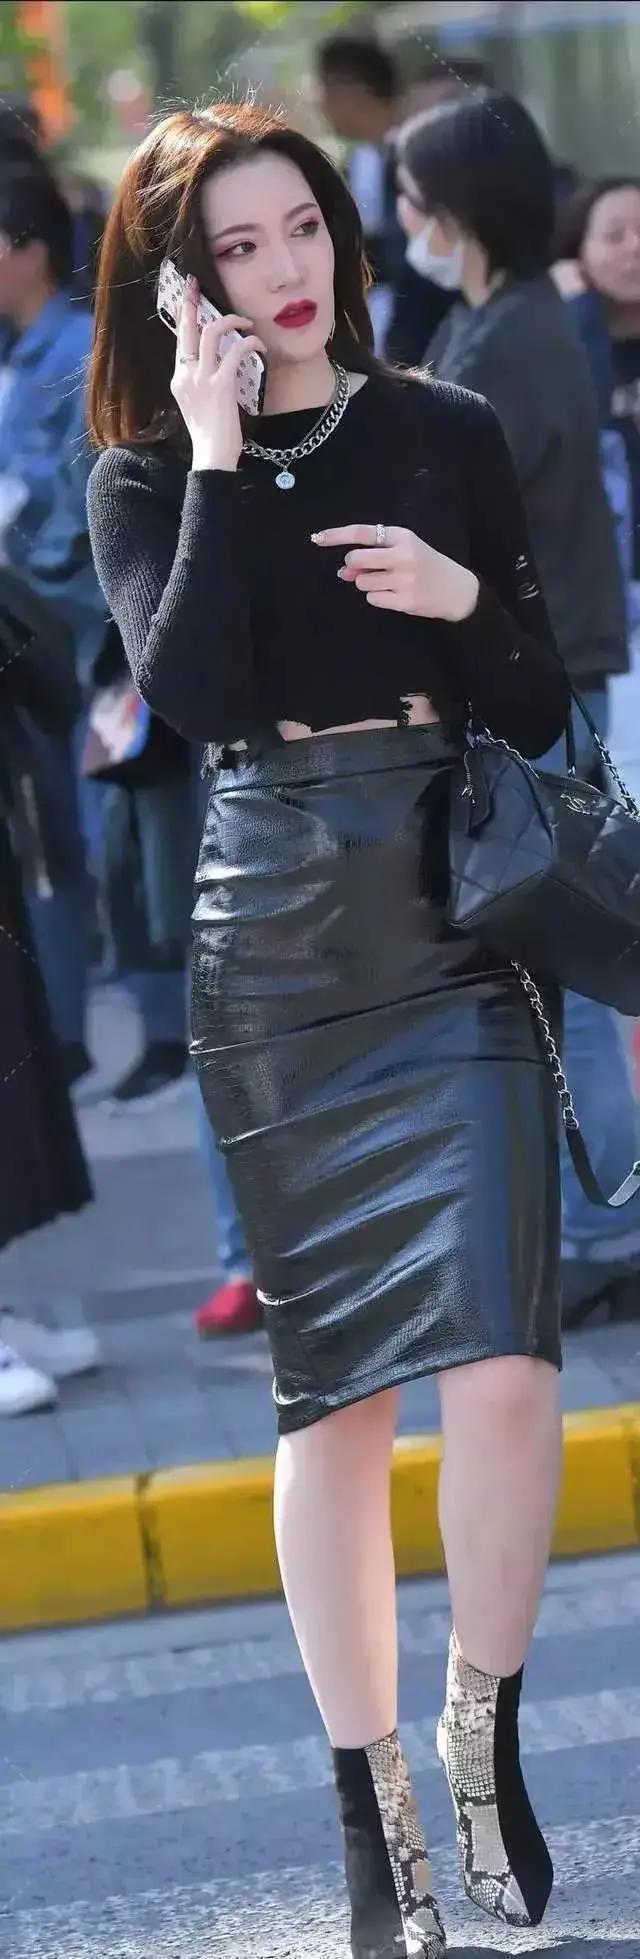 又是一个穿黑皮裙的玉人,她的鞋子也与众差异_新闻娱乐新闻